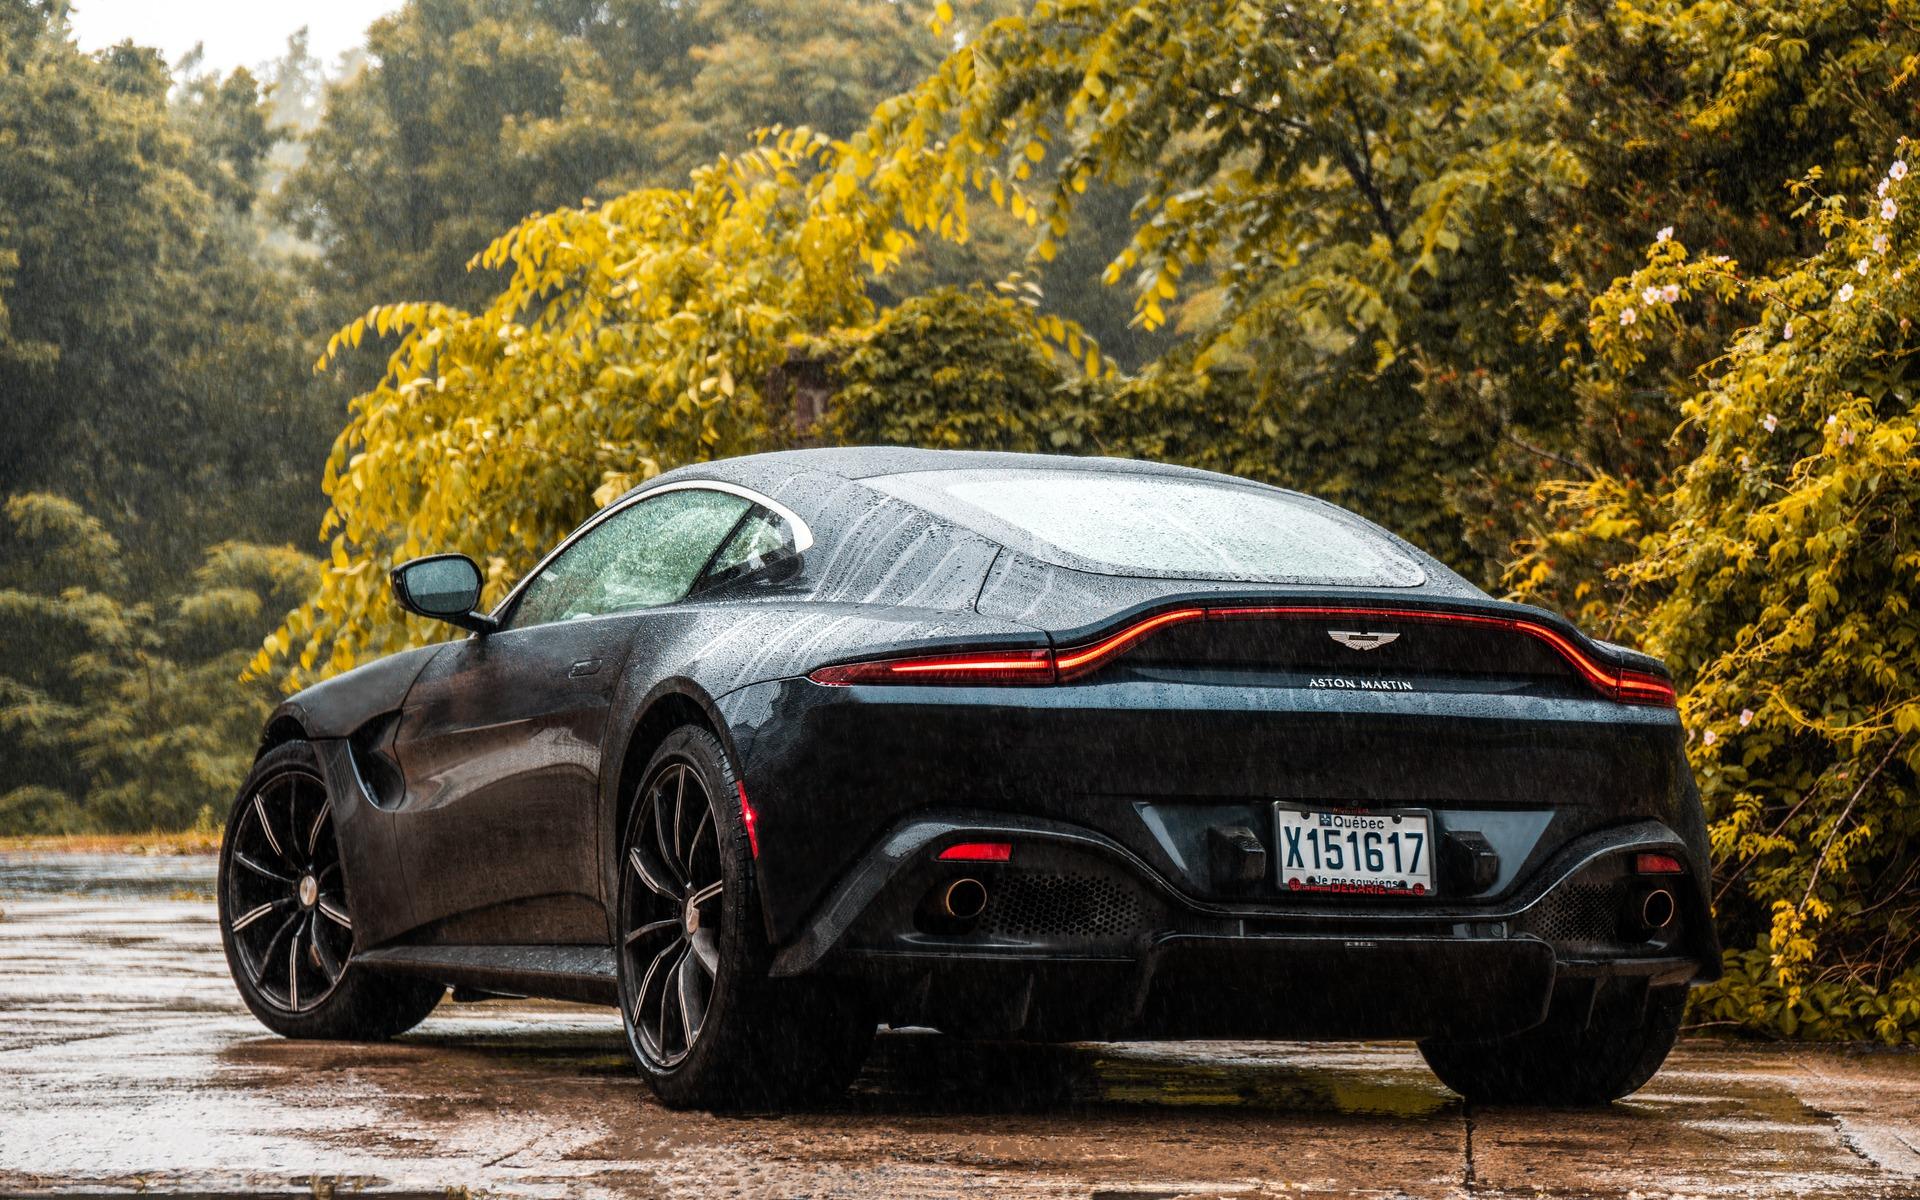 2019 Aston Martin Vantage Photos 2 4 The Car Guide